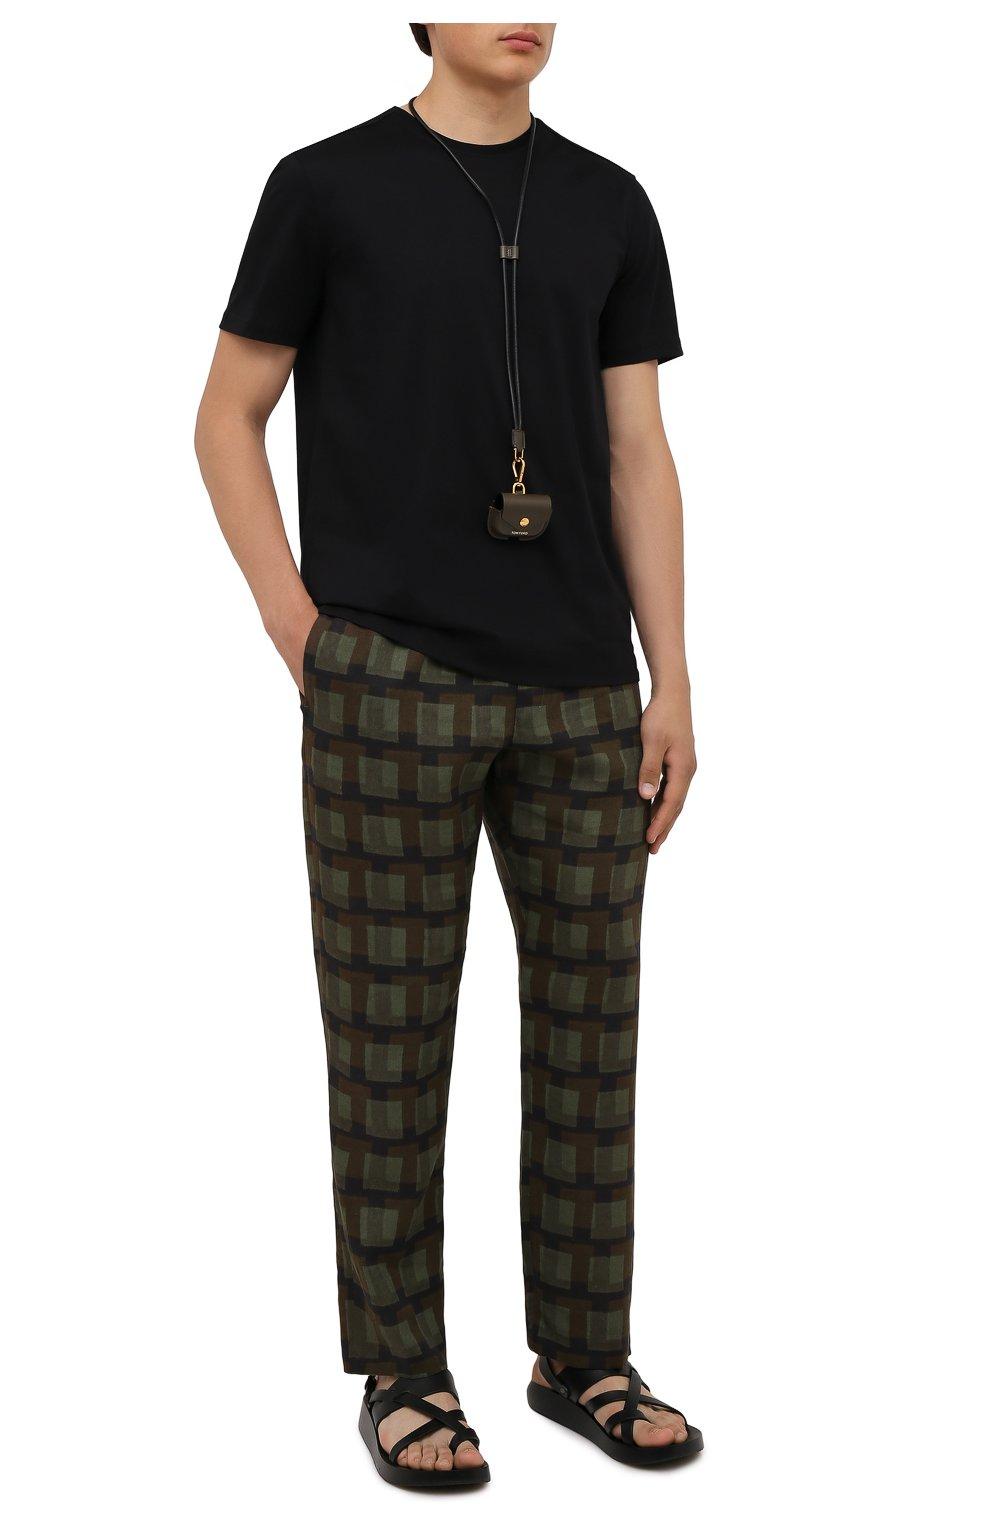 Мужская хлопковая футболка LIMITATO черного цвета, арт. EMBLEM/T-SHIRT | Фото 2 (Принт: Без принта; Рукава: Короткие; Длина (для топов): Стандартные; Стили: Гранж; Материал внешний: Хлопок)